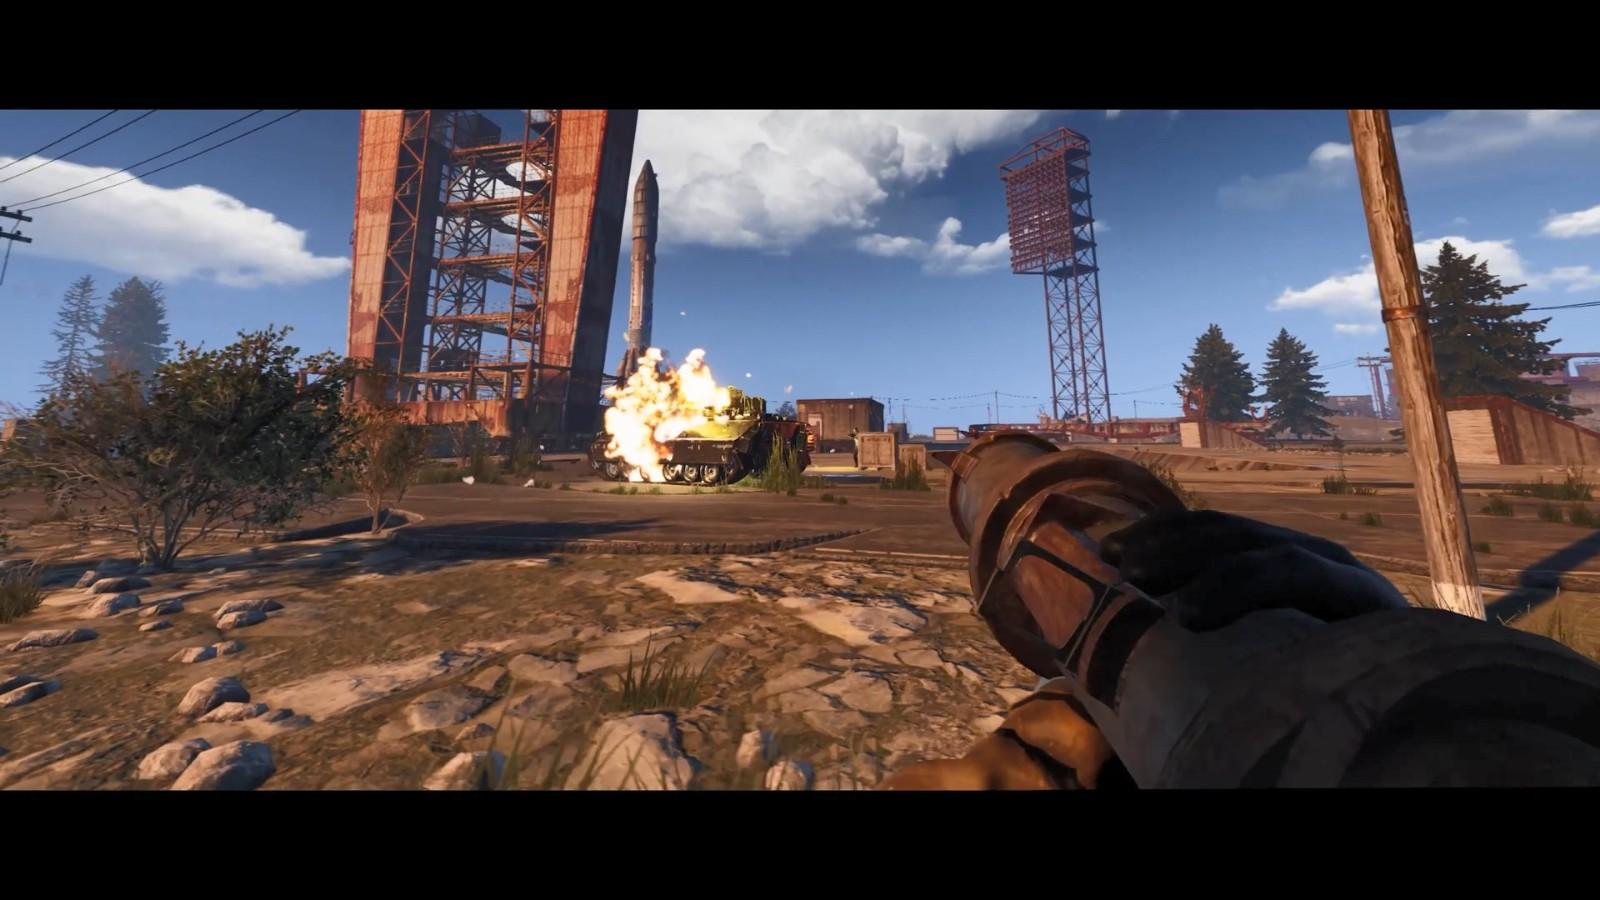 开放世界多人生存游戏《腐蚀》主机版预告发布